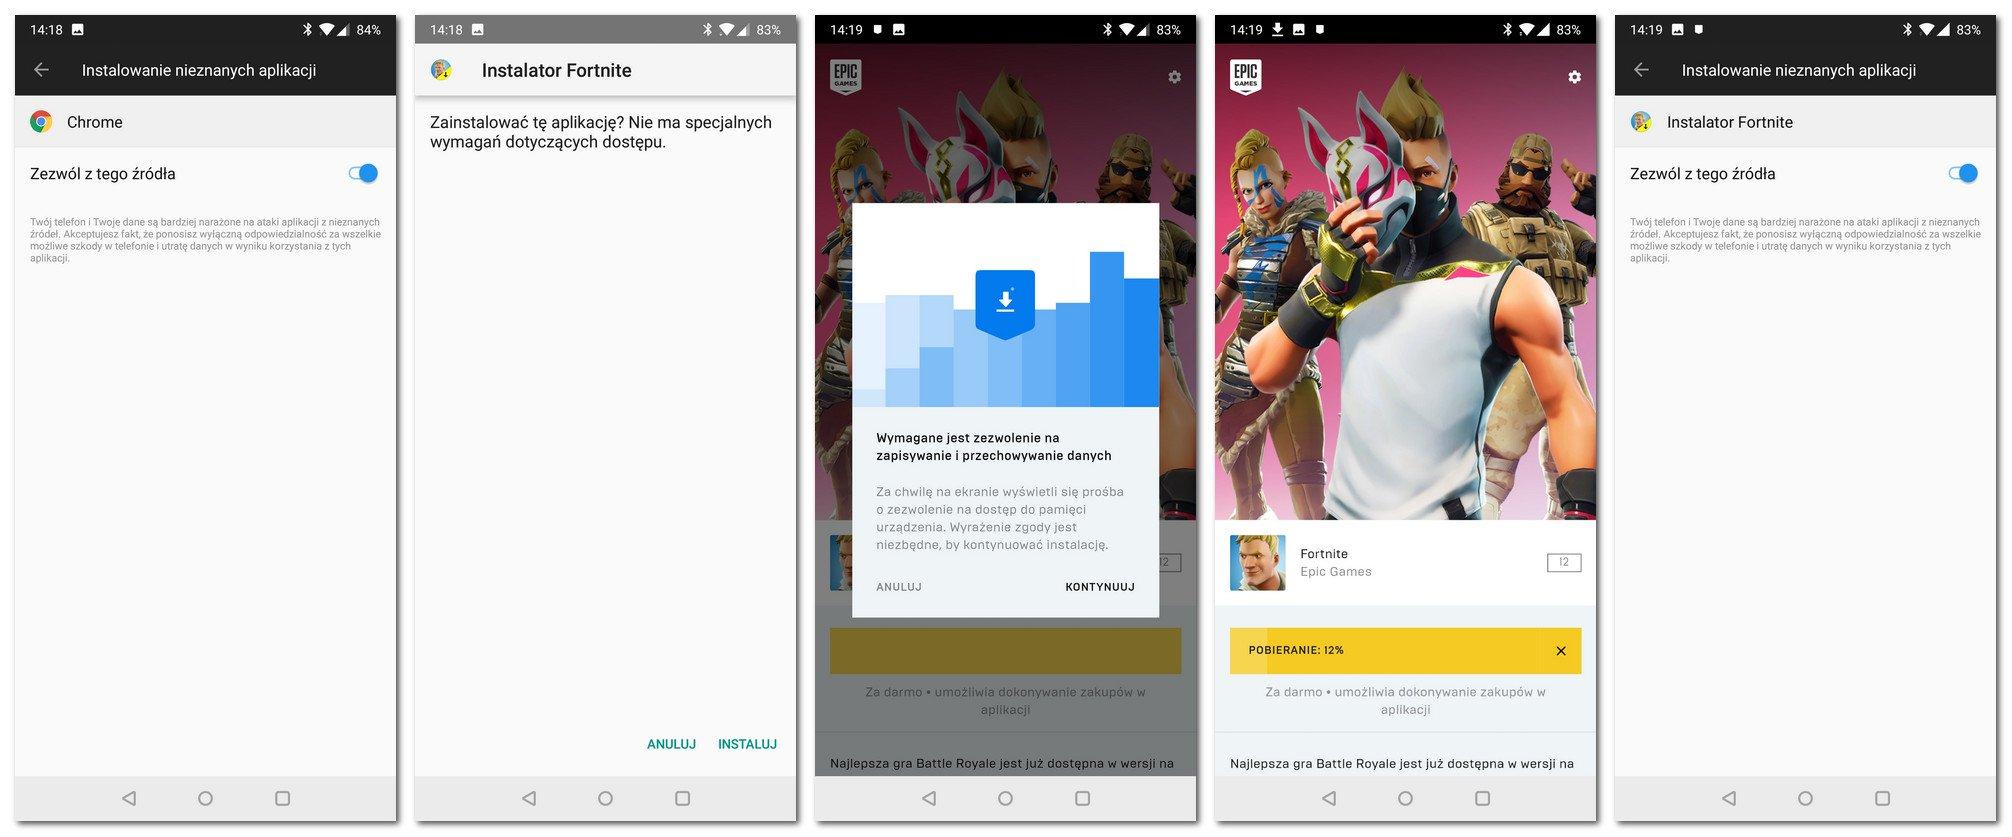 Fortnite Android pobranie i instalacja gry